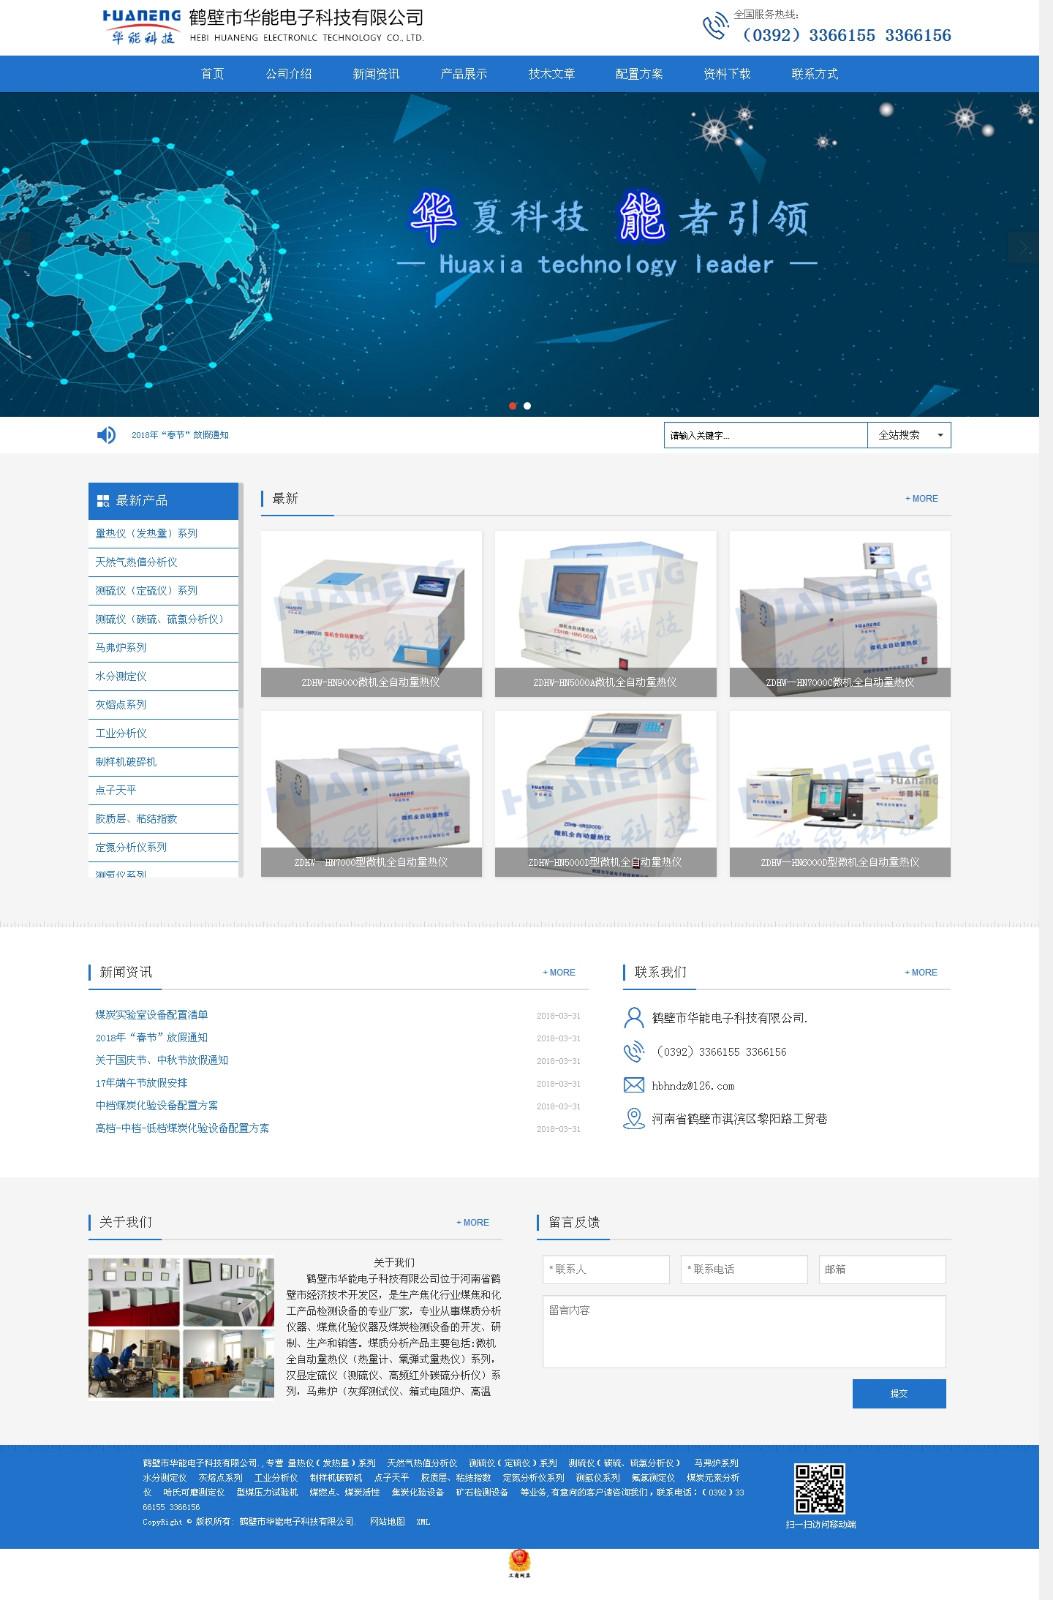 鶴壁市華能電子科技有限公司_.jpg